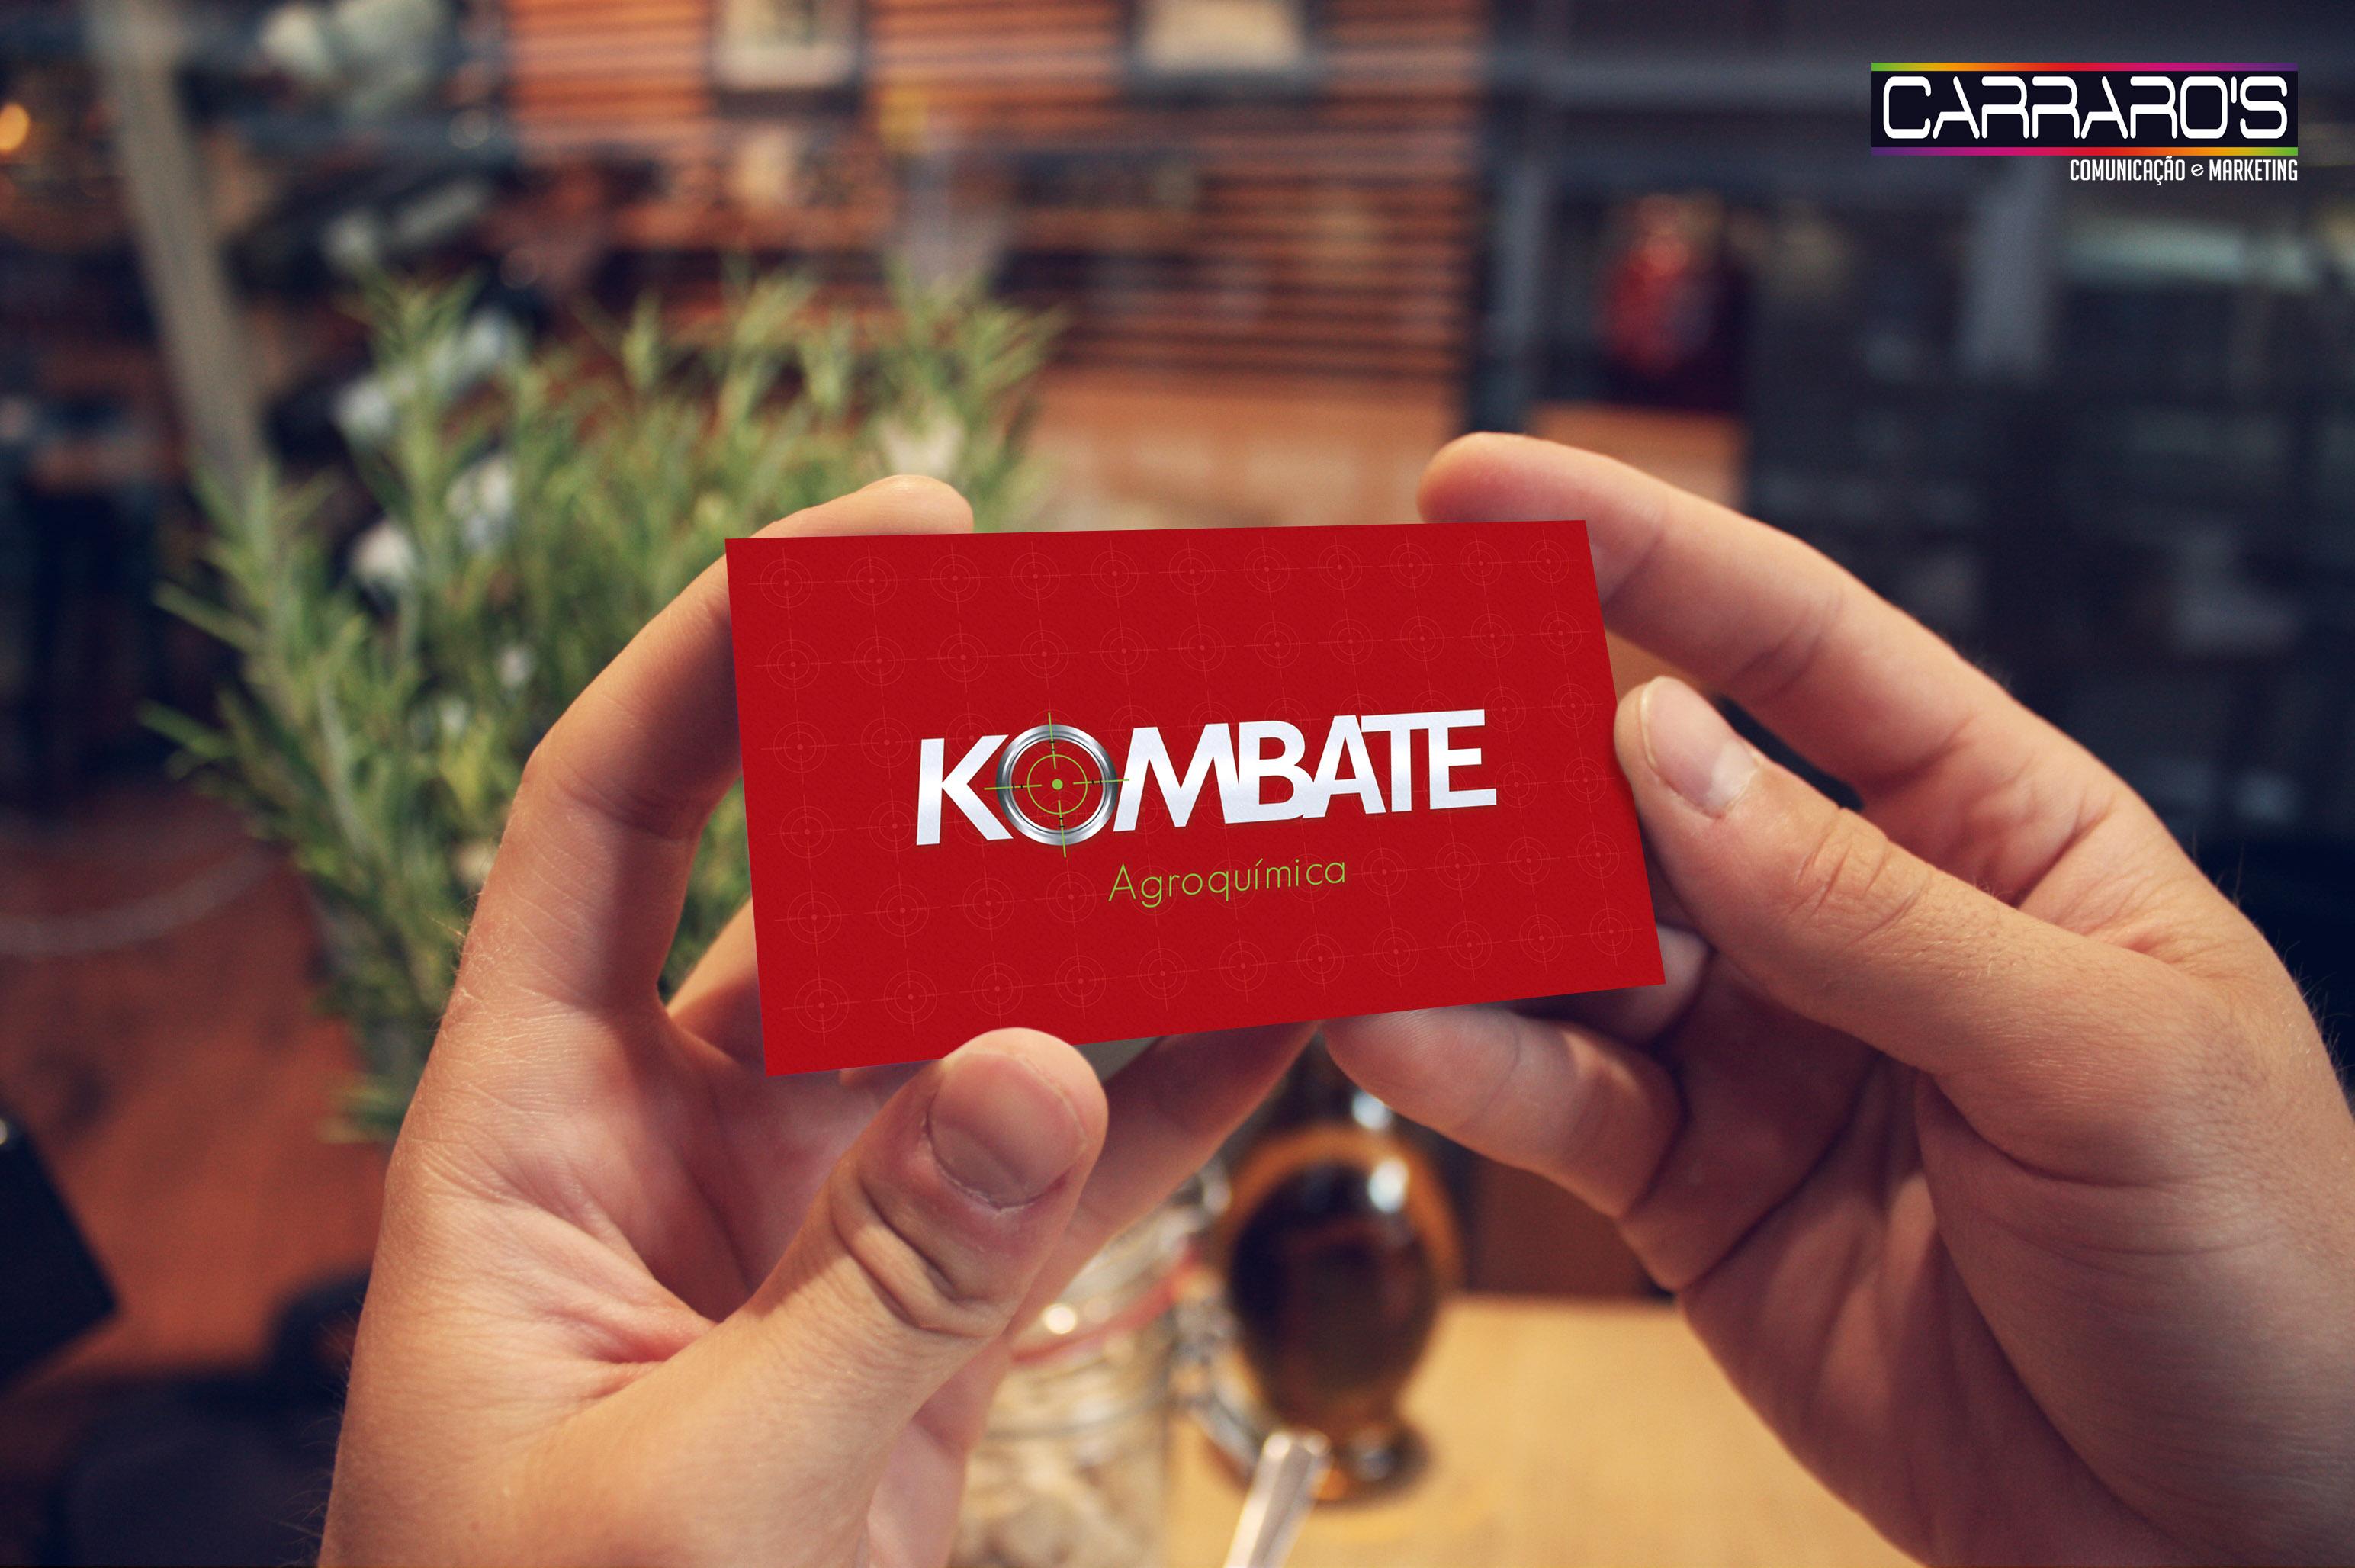 arte_impressao_de_cartão_vis_Kombate